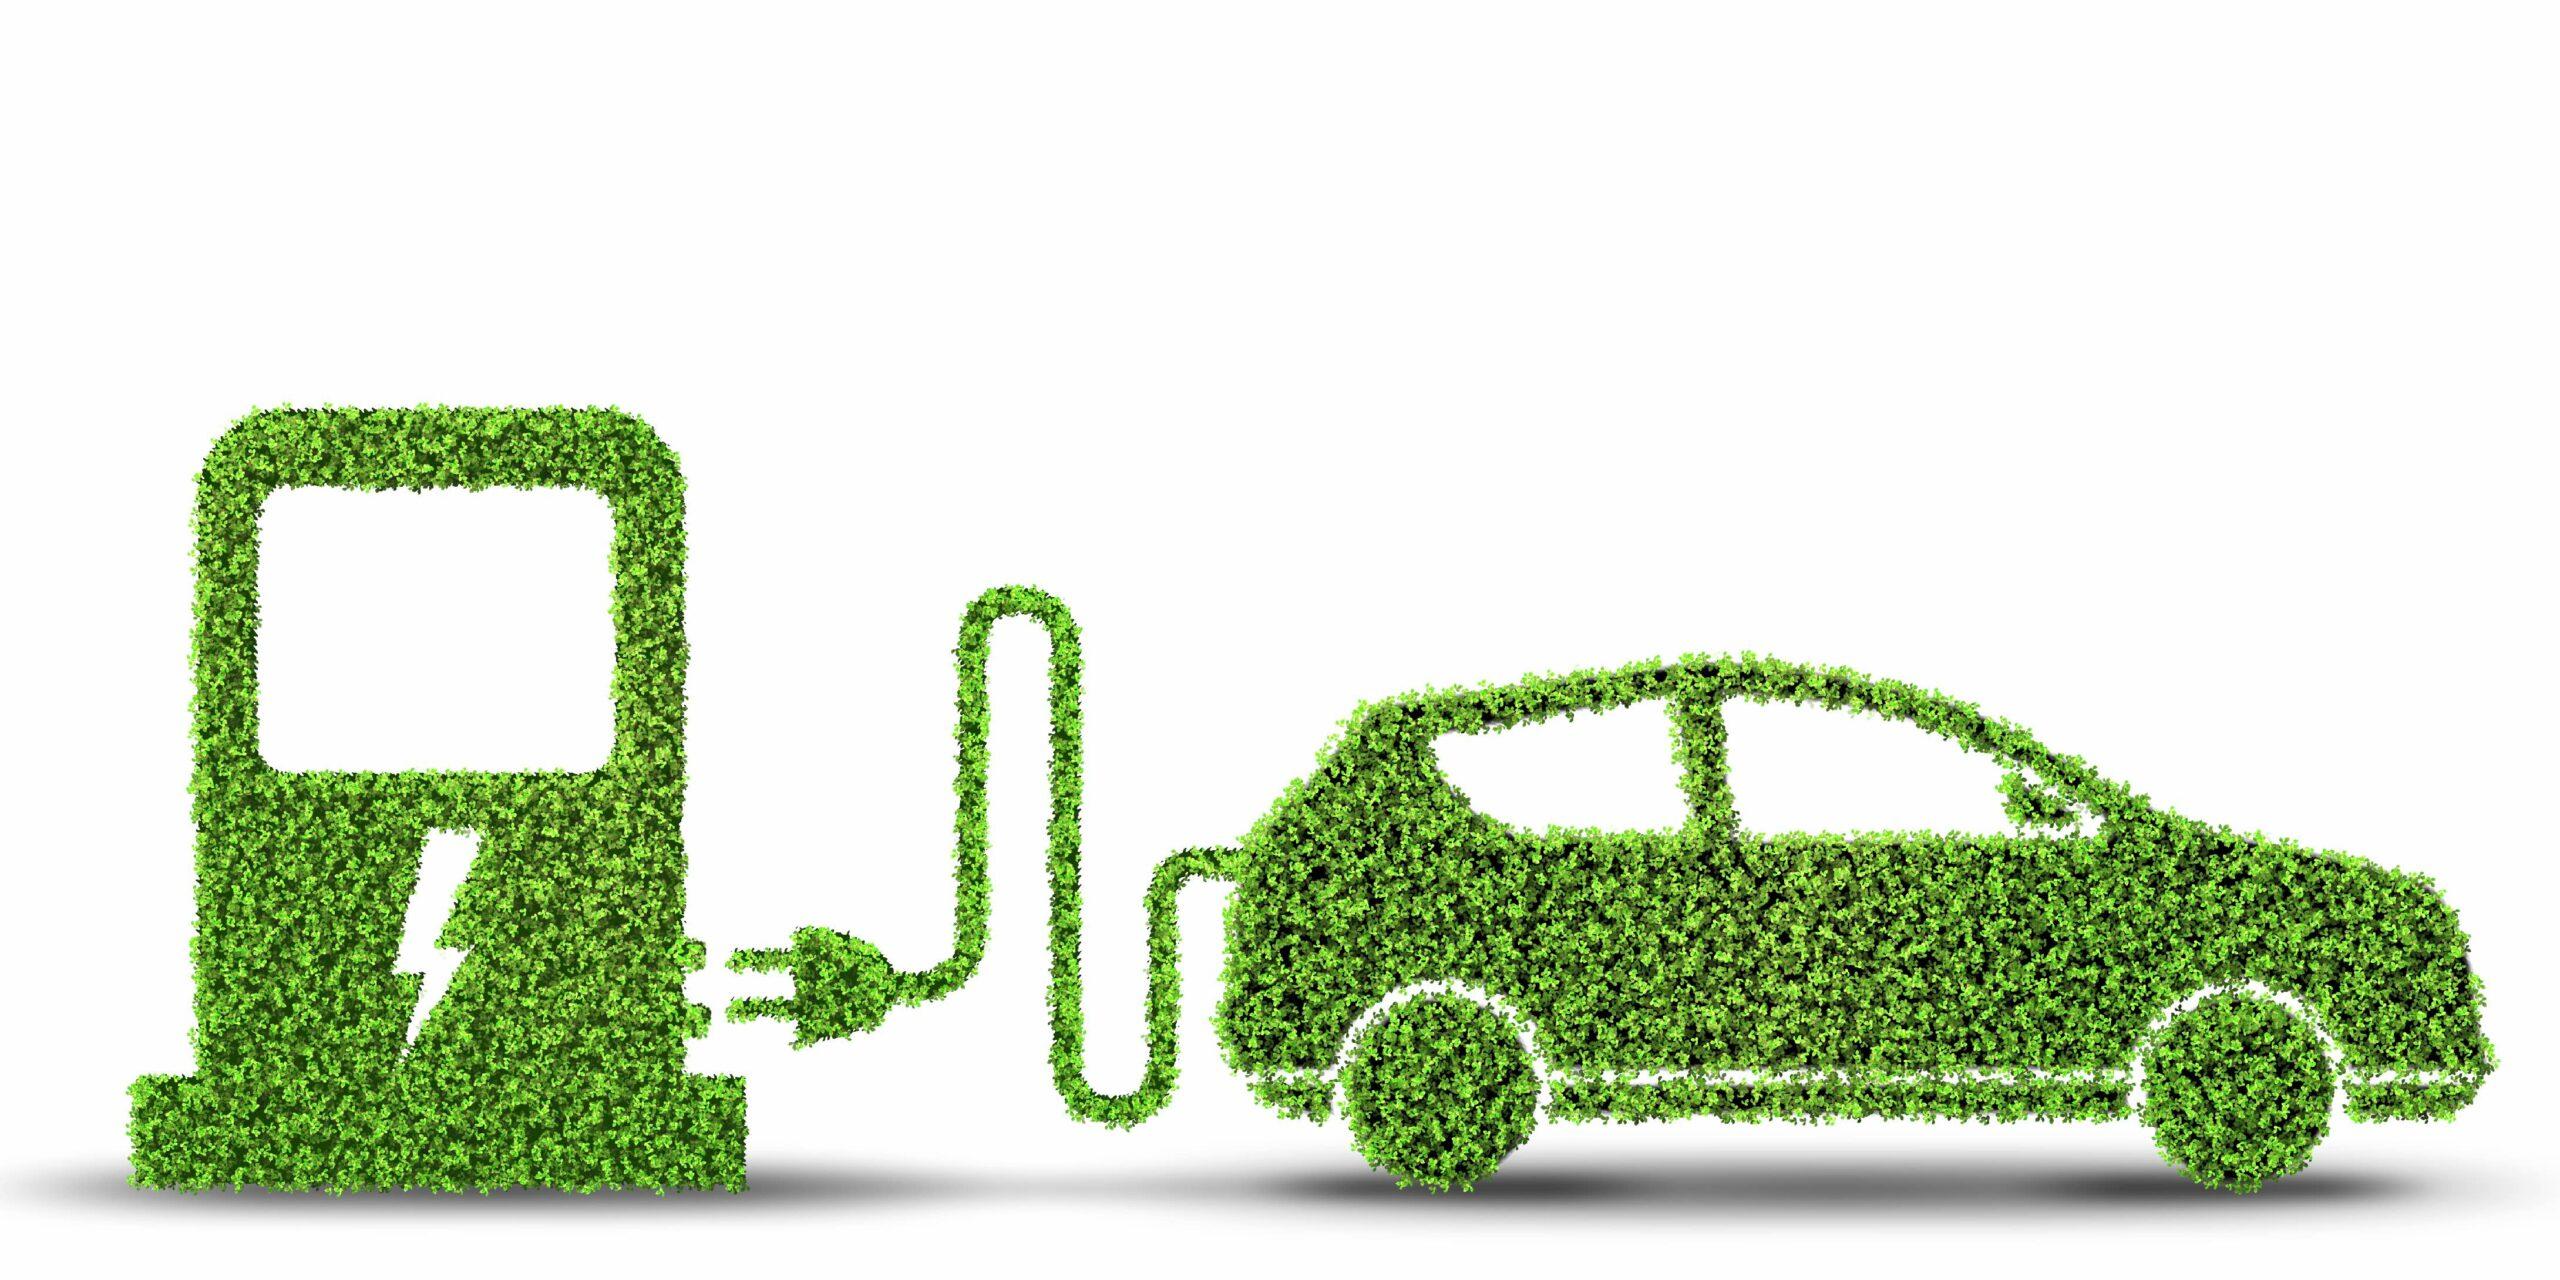 Elbil og ladestander i grønt miljø